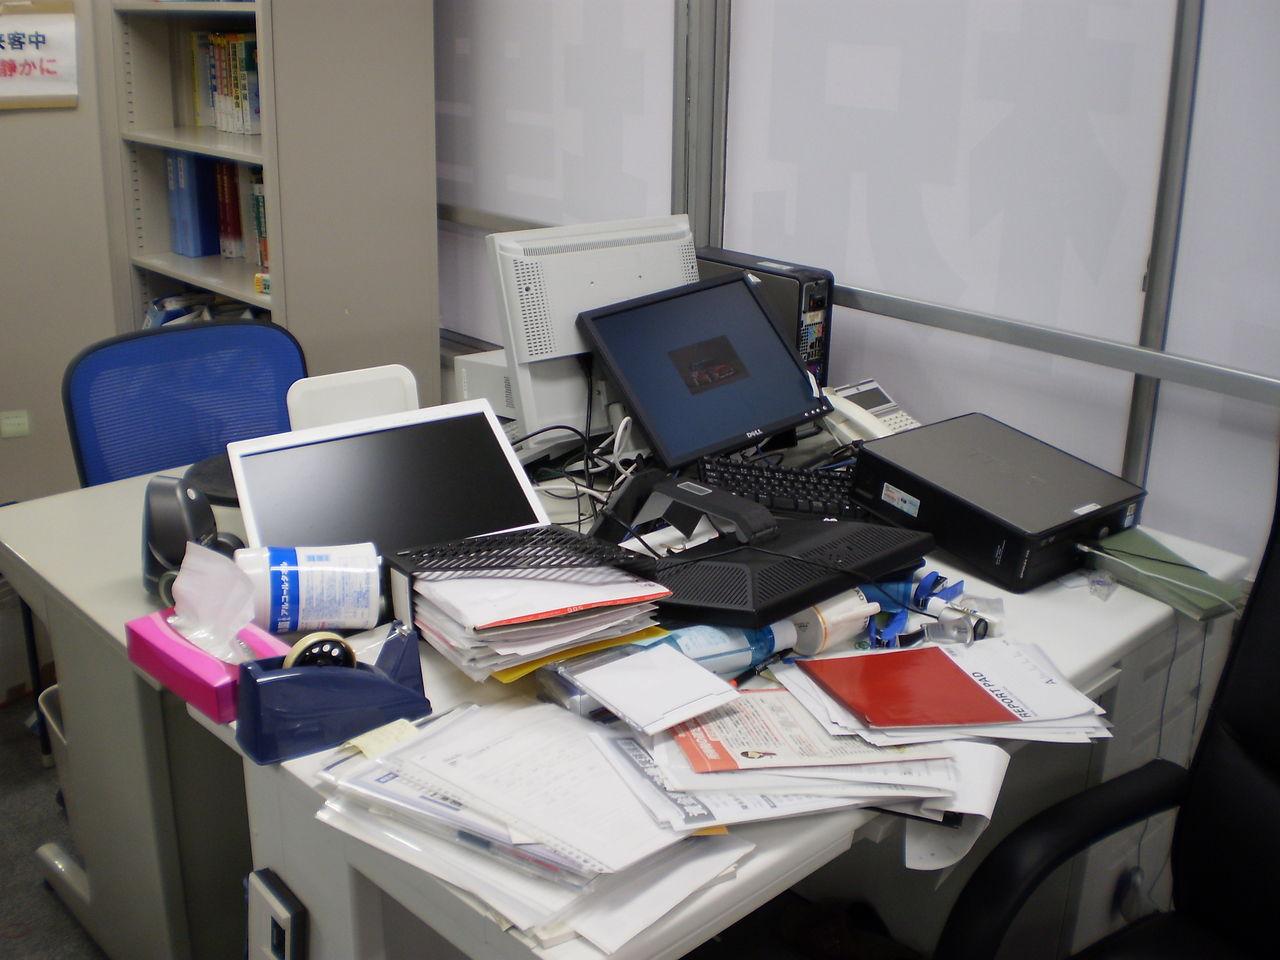 千代田区の税理士事務所被害1